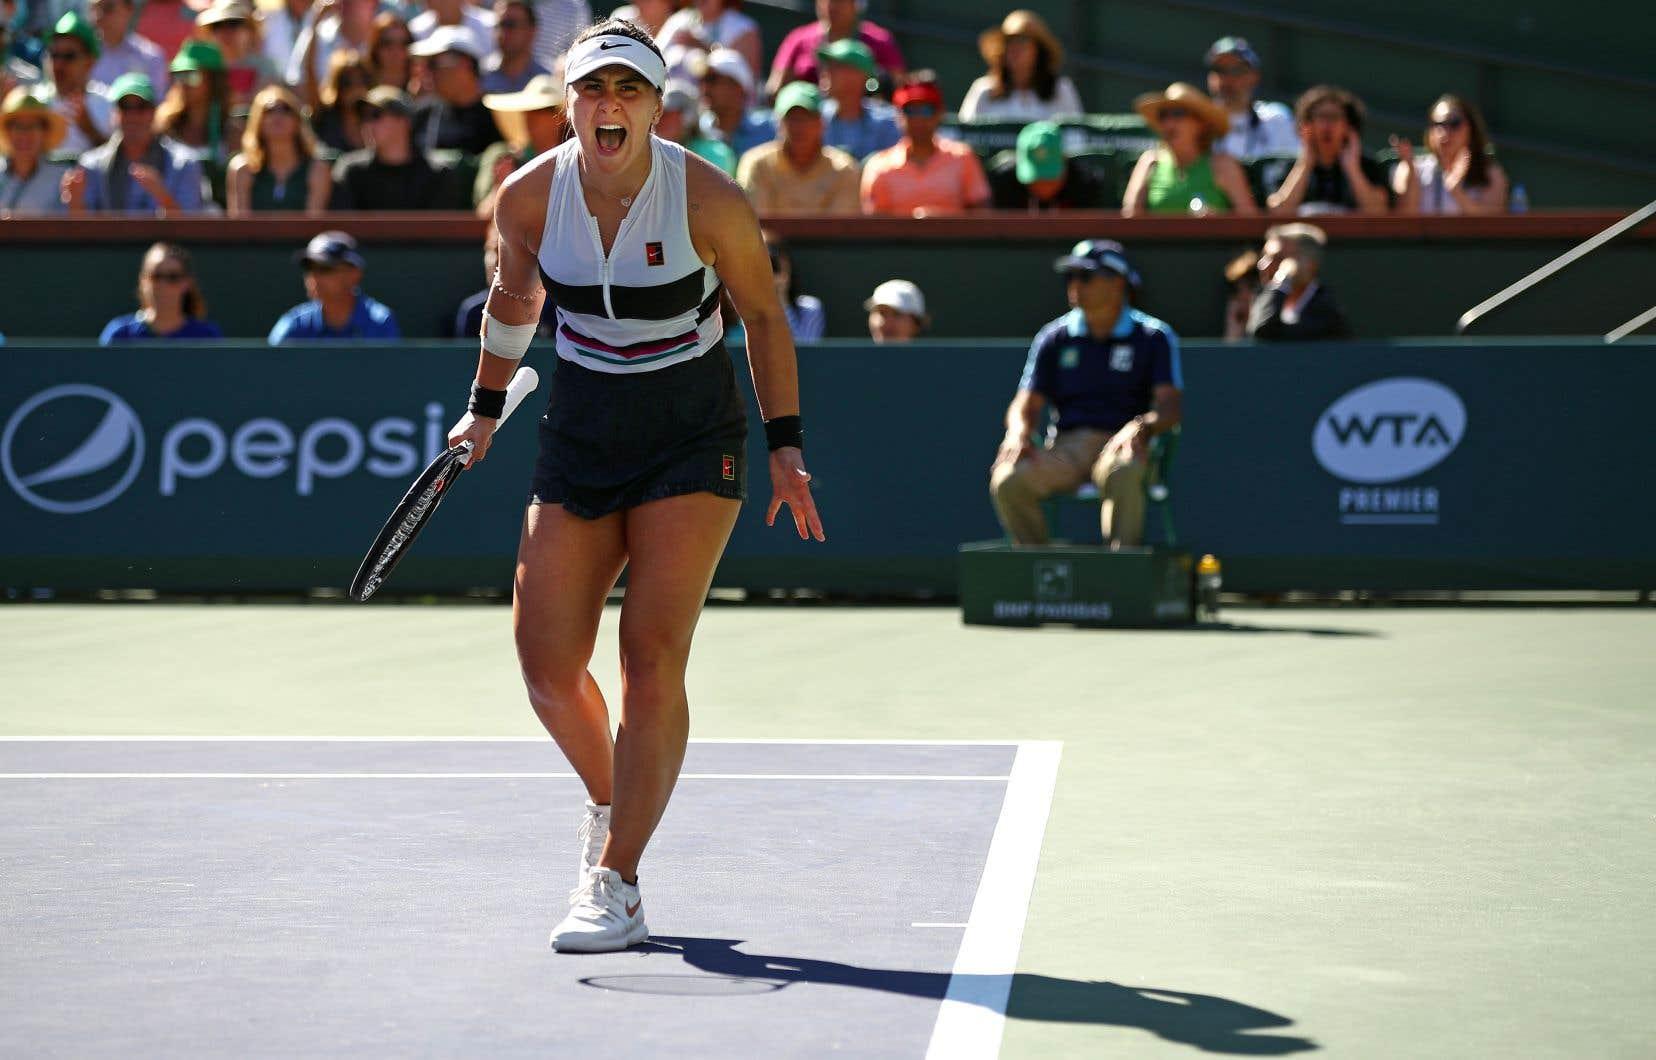 Grâce à sa victoire à Indian Wells, la canadienne Bianca Andreescu a atteint le 24e échelon mondial.